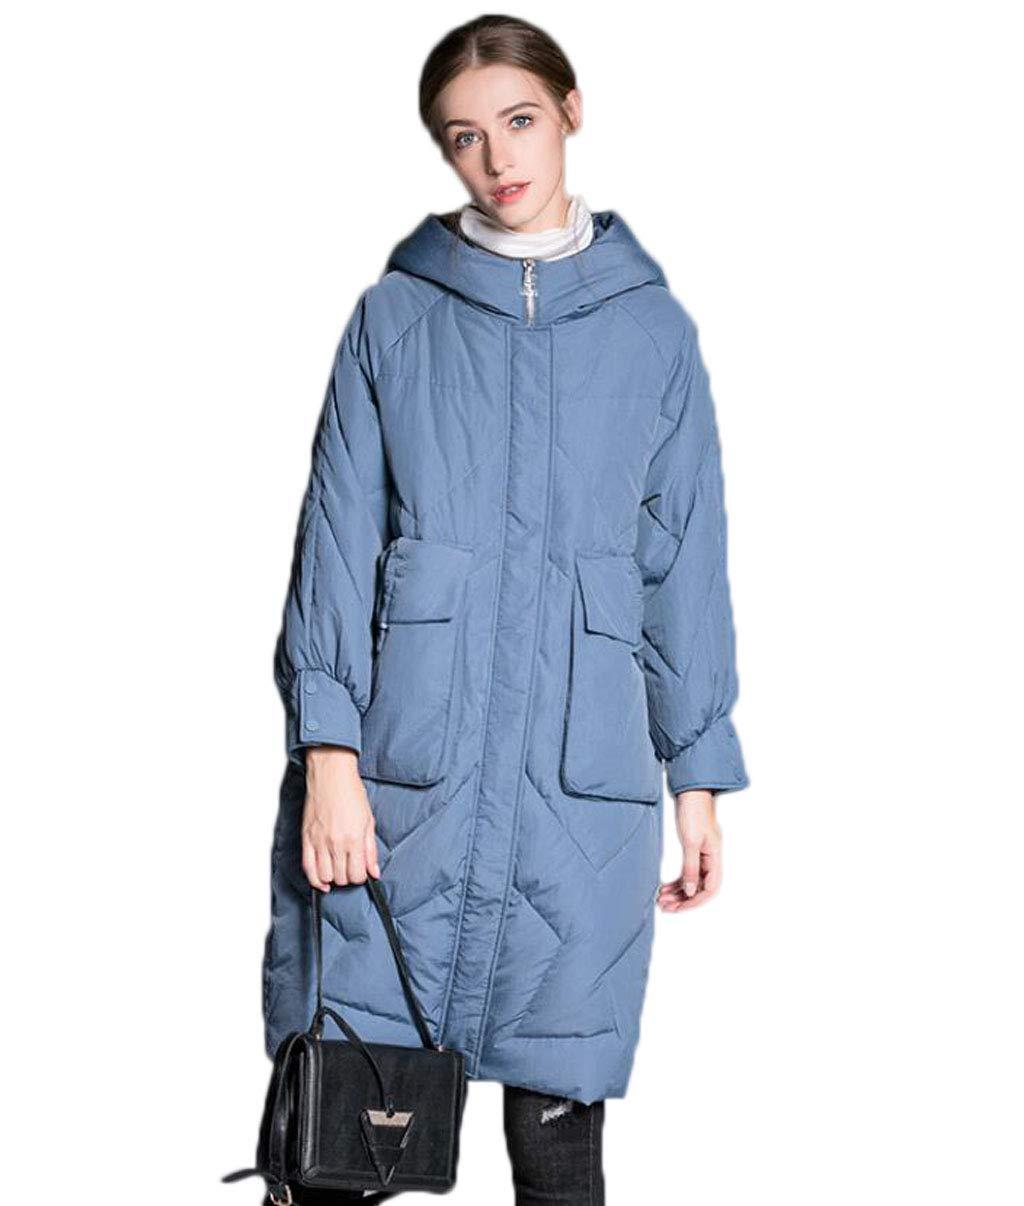 bluee Women's Down Jacket Winter Hooded Loose Thickening Long Warm Windbreaker Jacket (color   bluee, Size   L)